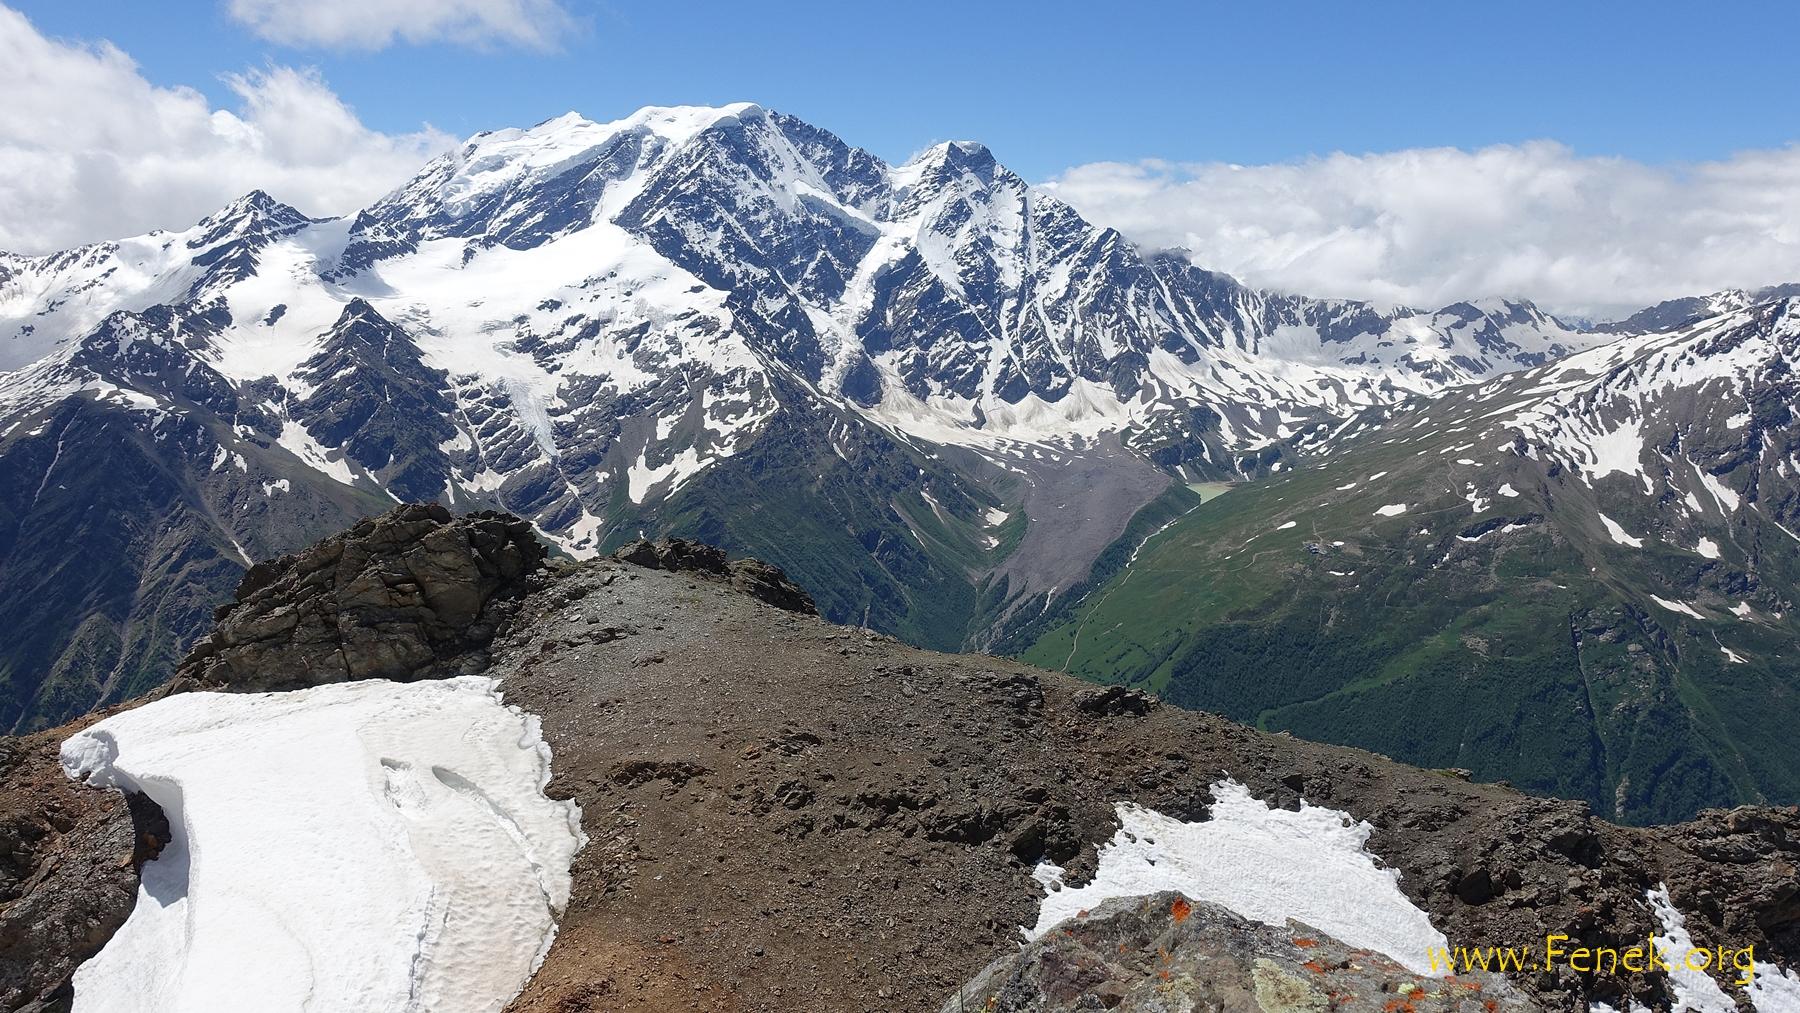 noch ein Blick vom Gipfel zu zwei Viertausender